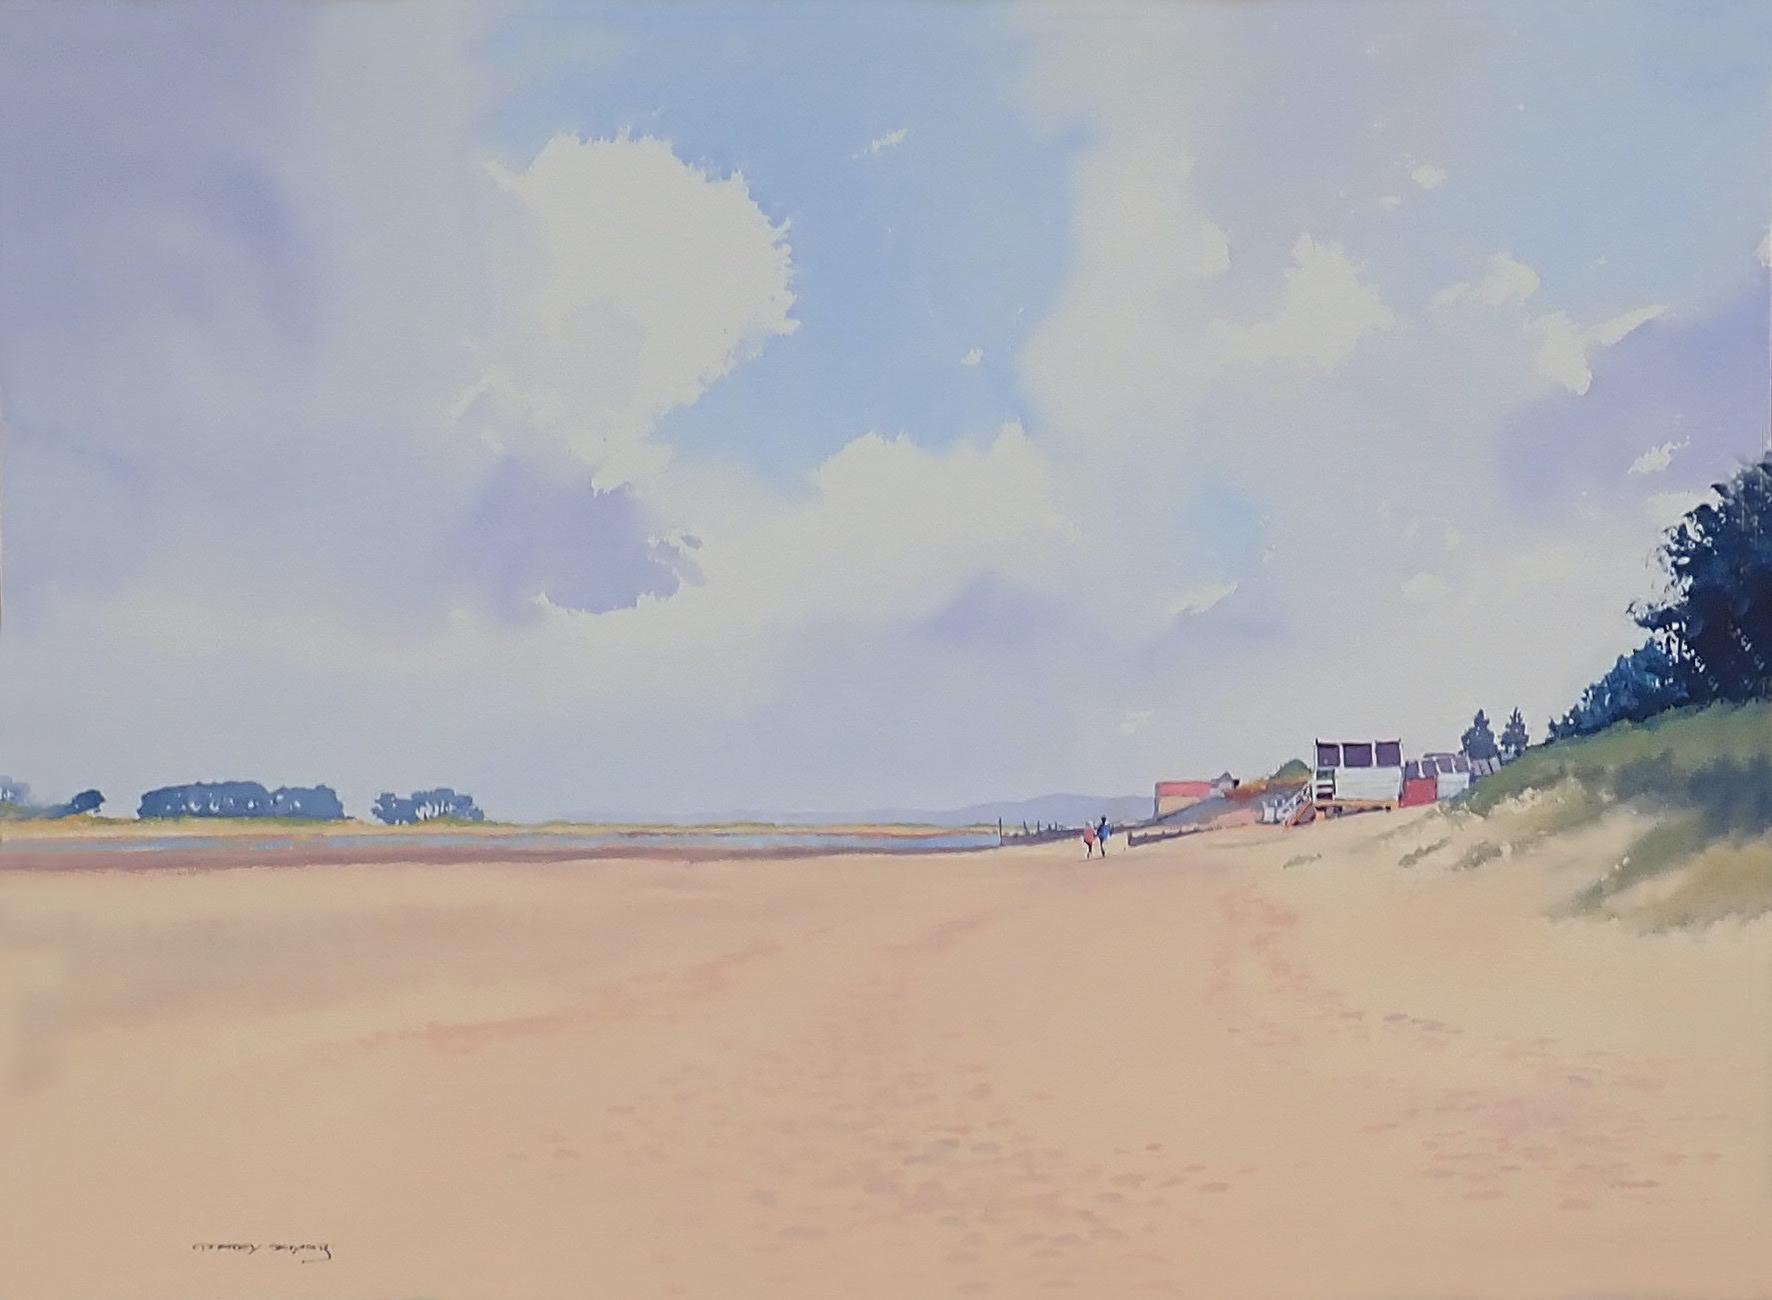 Godfrey Sayers Wells